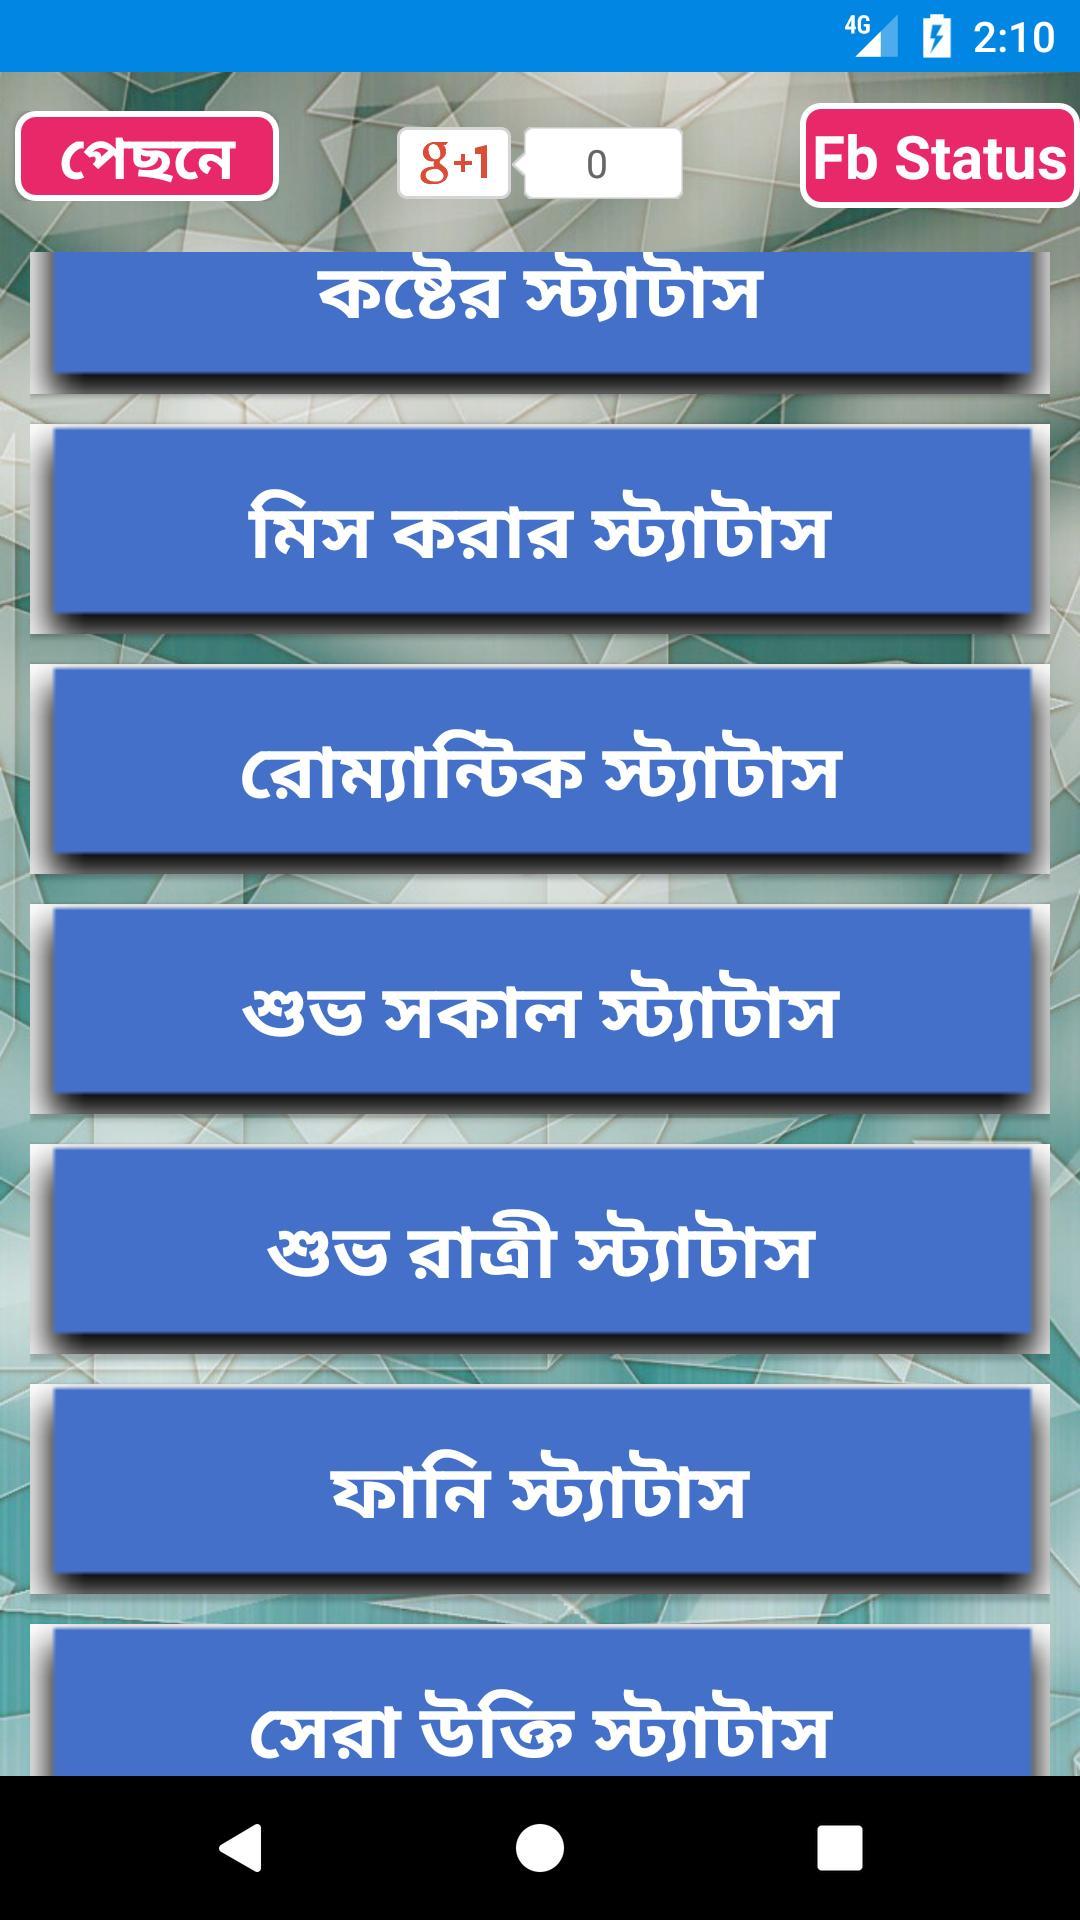 ফসবক Best Fb Status Quote Bangla English For Android